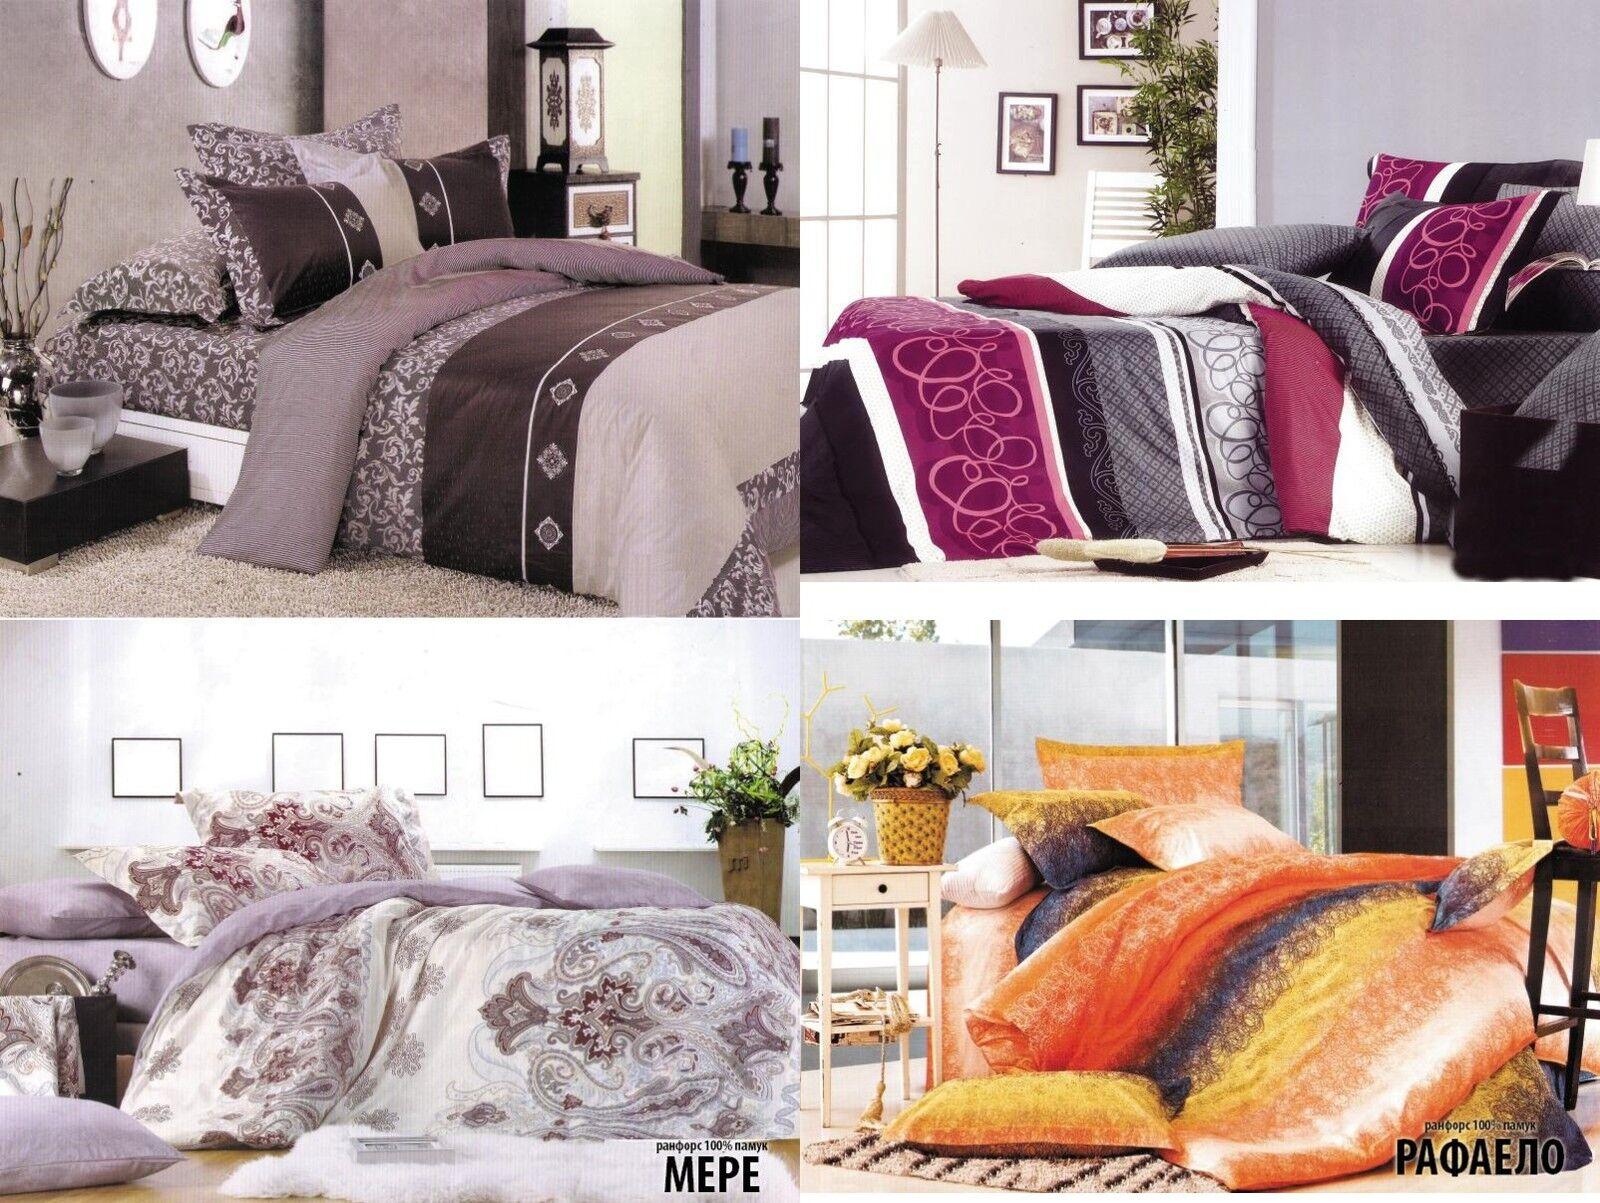 Duvet Cover Bedding Set 100% Cotton Reversible Bed Linen